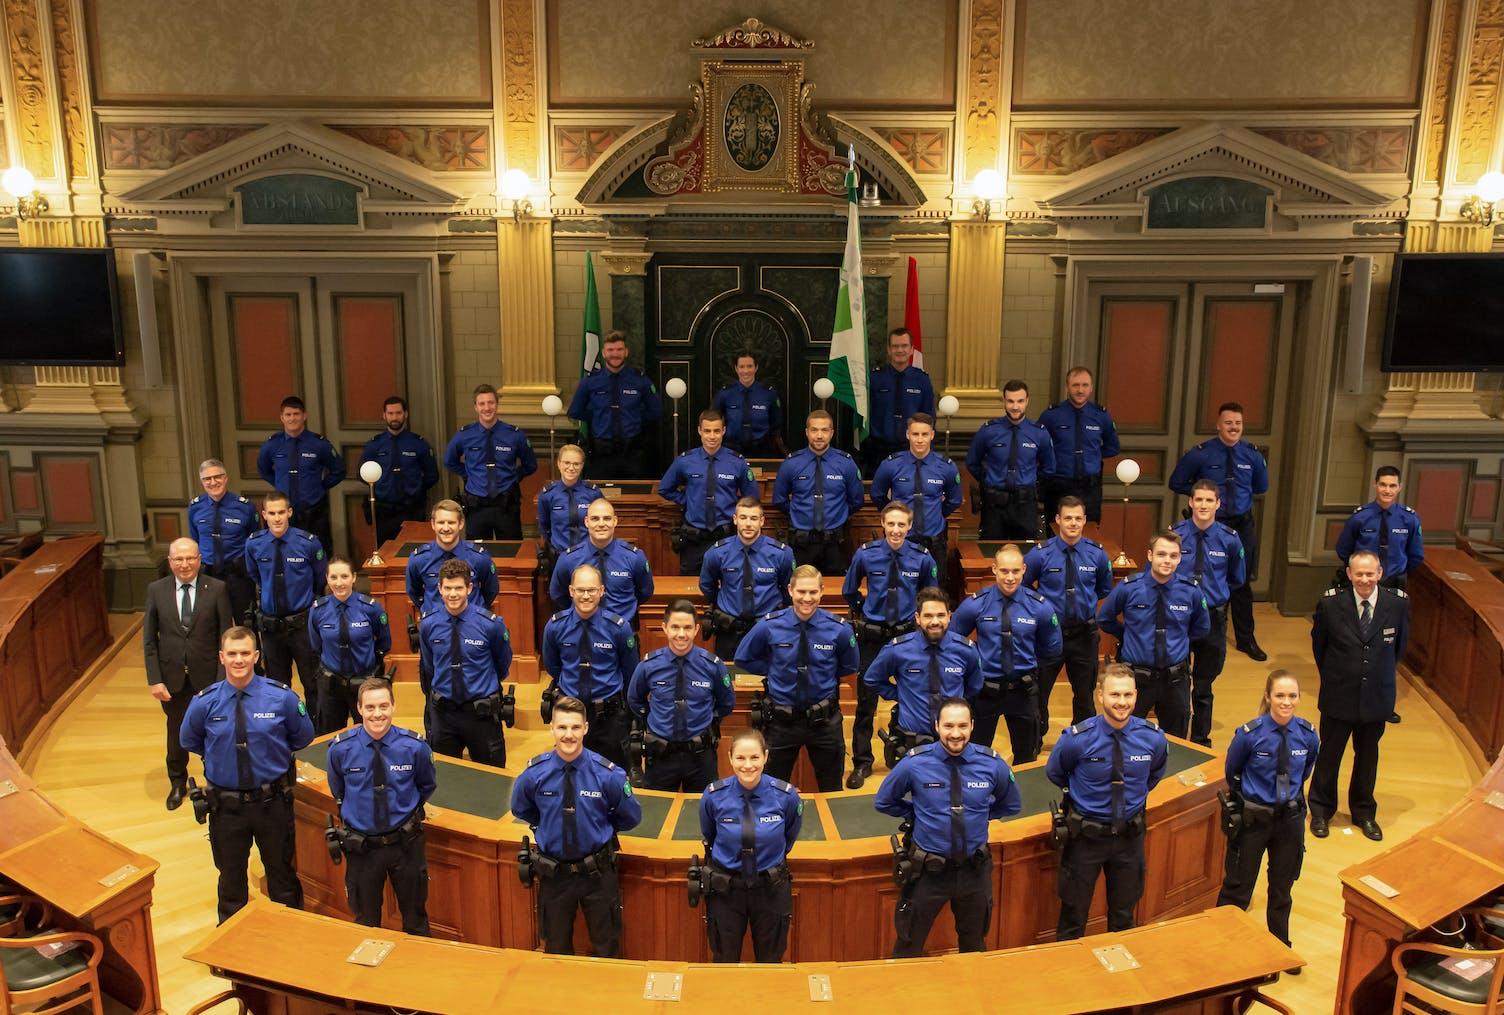 34 Polizeiangehorige Ins Korps Der Kapo Aufgenommen Die Ostschweiz